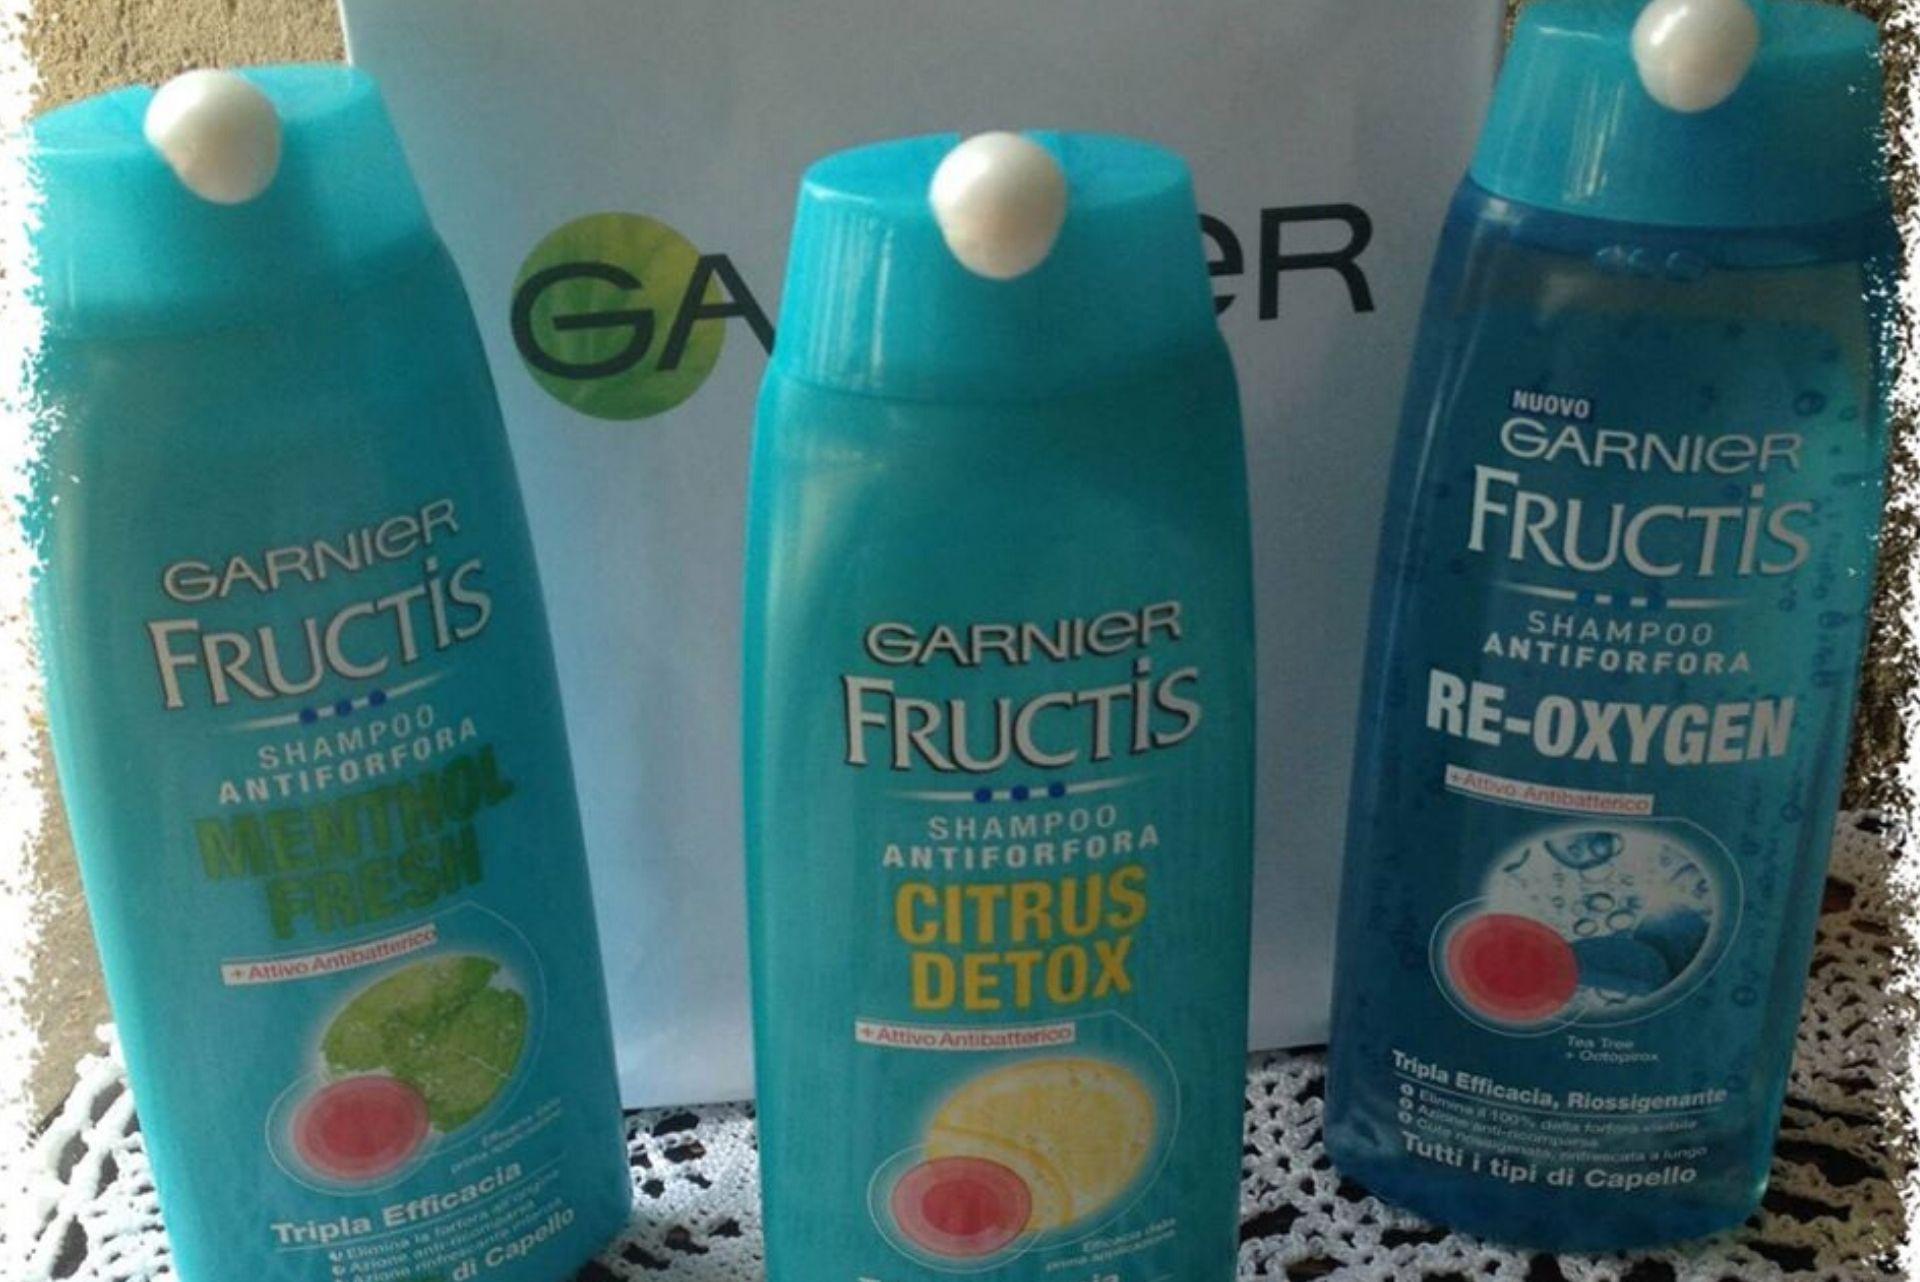 Garnier Fructis Antiforfora